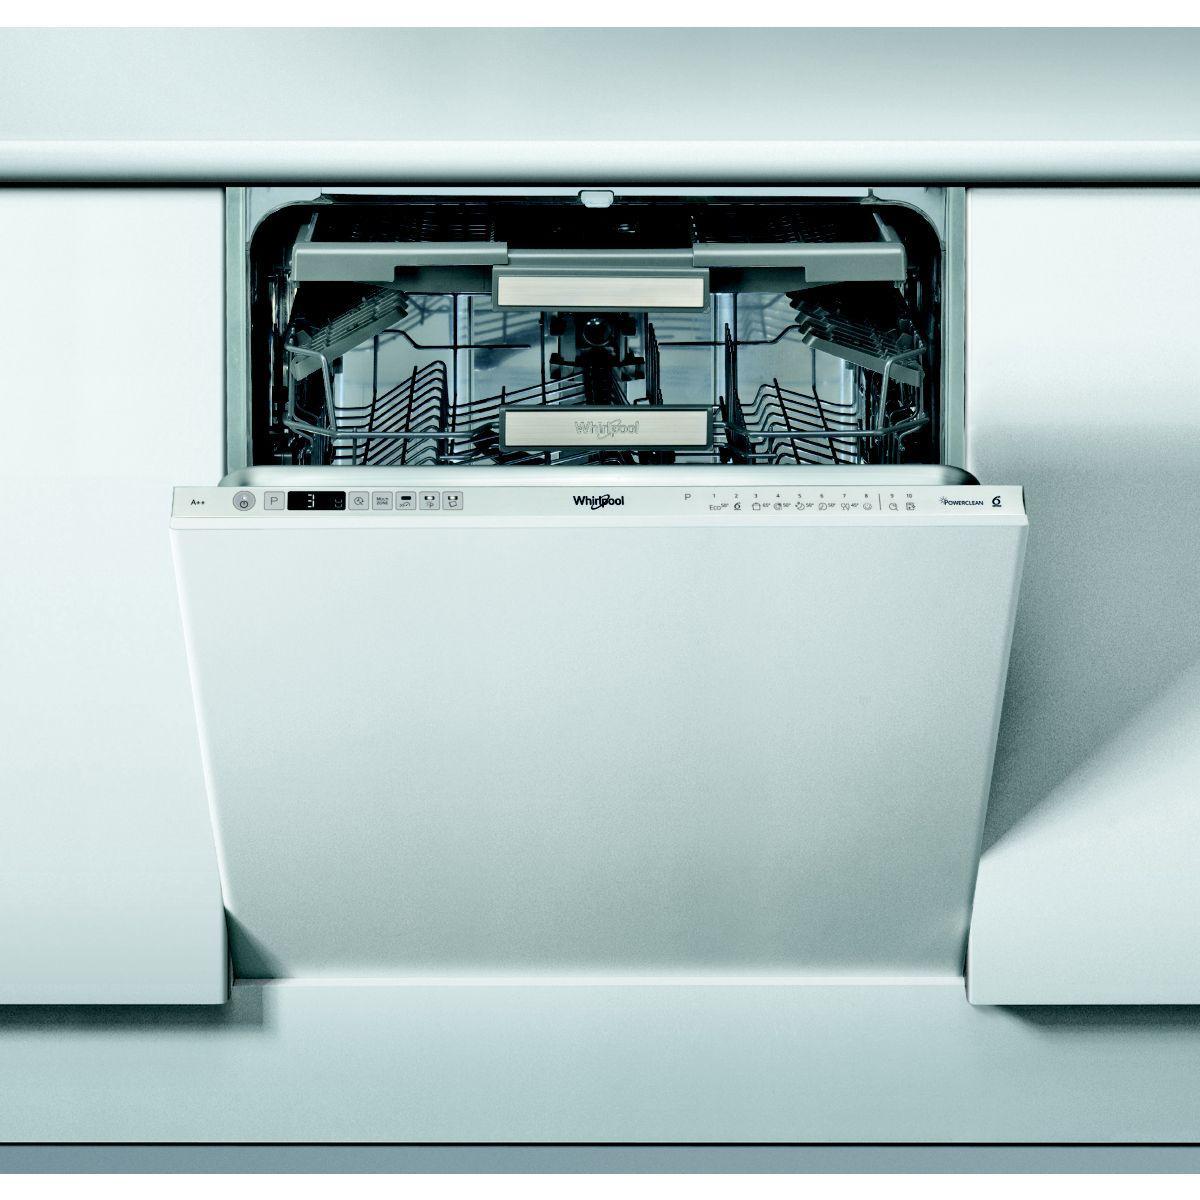 Lave vaisselle tout int?grable whirlpool wio3t123pef - livrais...